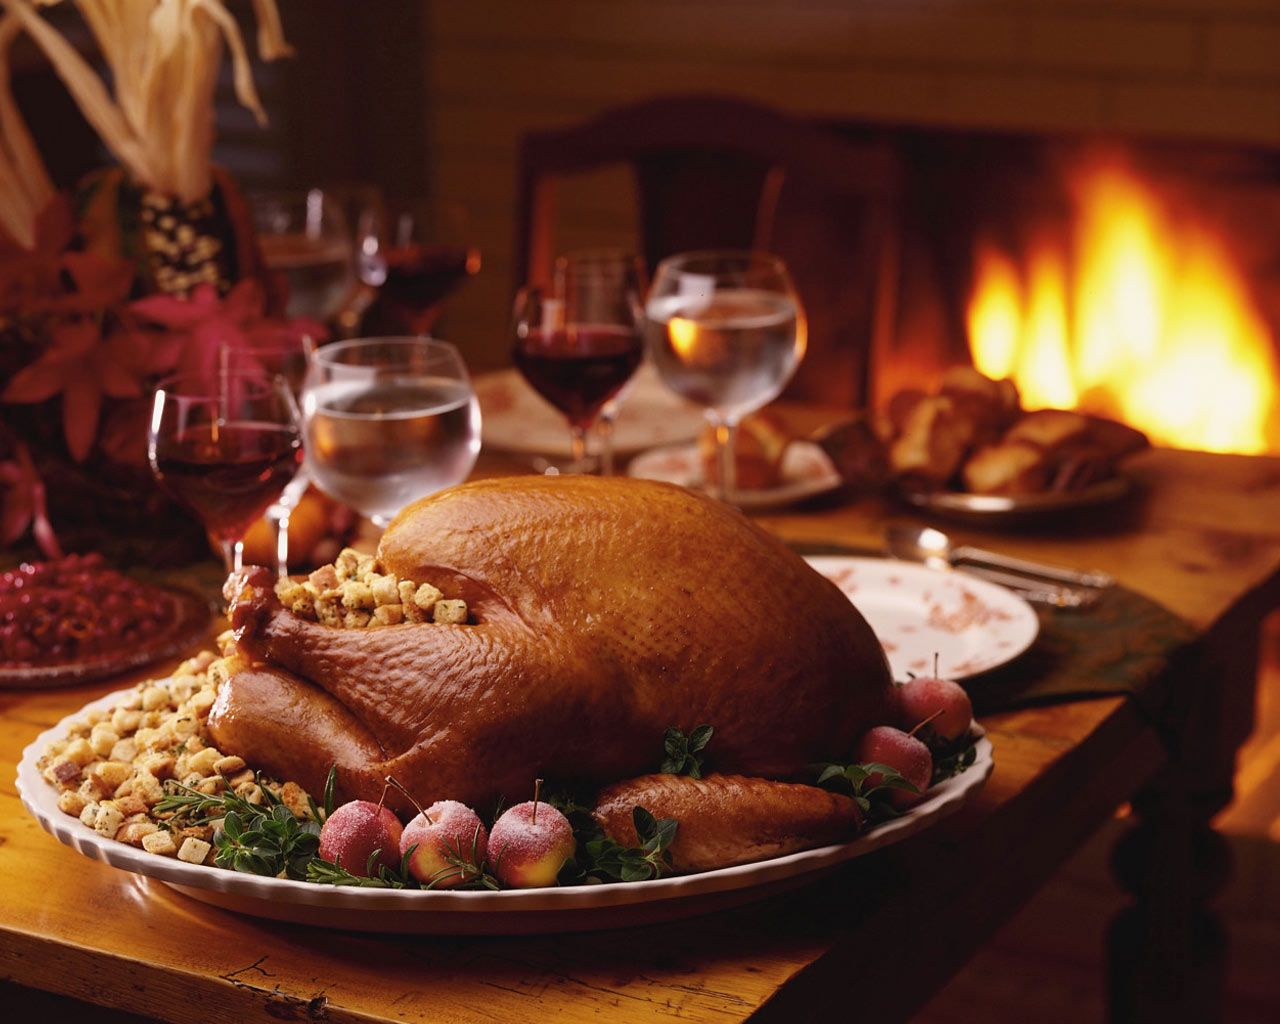 http://2.bp.blogspot.com/-szozAAgp9Ck/TsQEL7rs_bI/AAAAAAAADQU/C0mdr_Bh7bA/s1600/Thanksgiving-Roasted-Turkey-Wallpapers.jpg